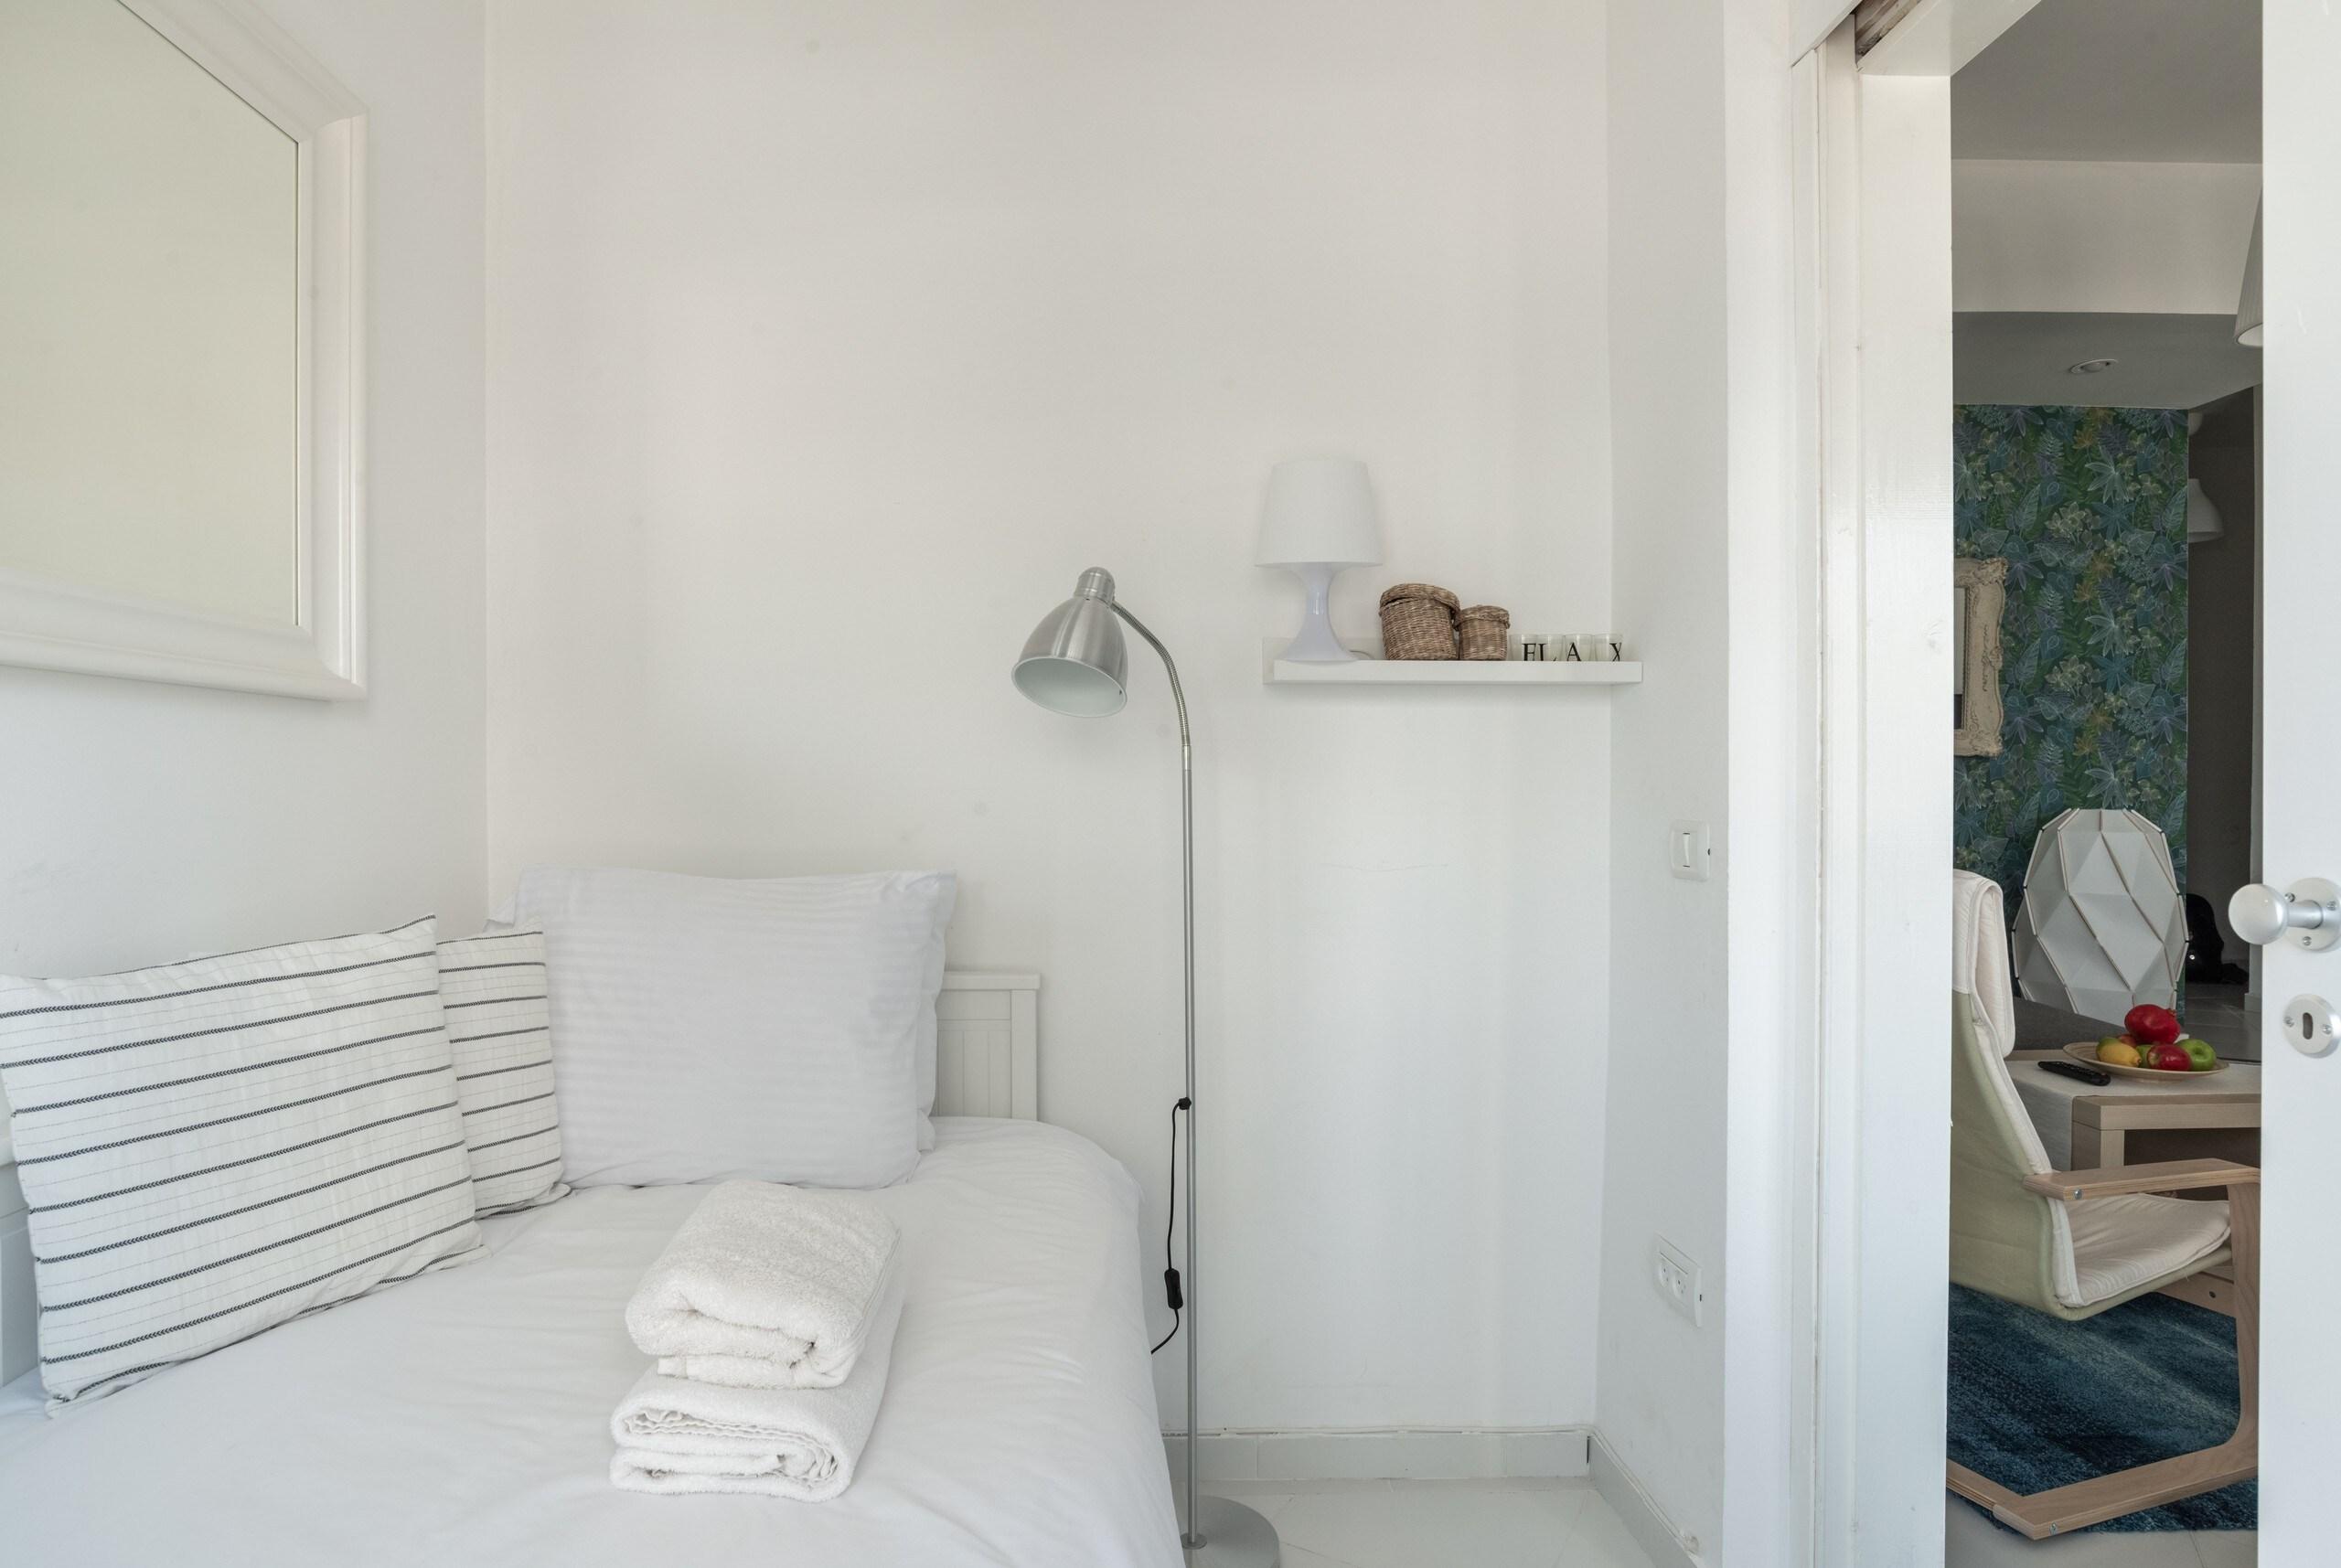 Apartment Sea View 2 bedroom apartment next to Hilton beach photo 23620189